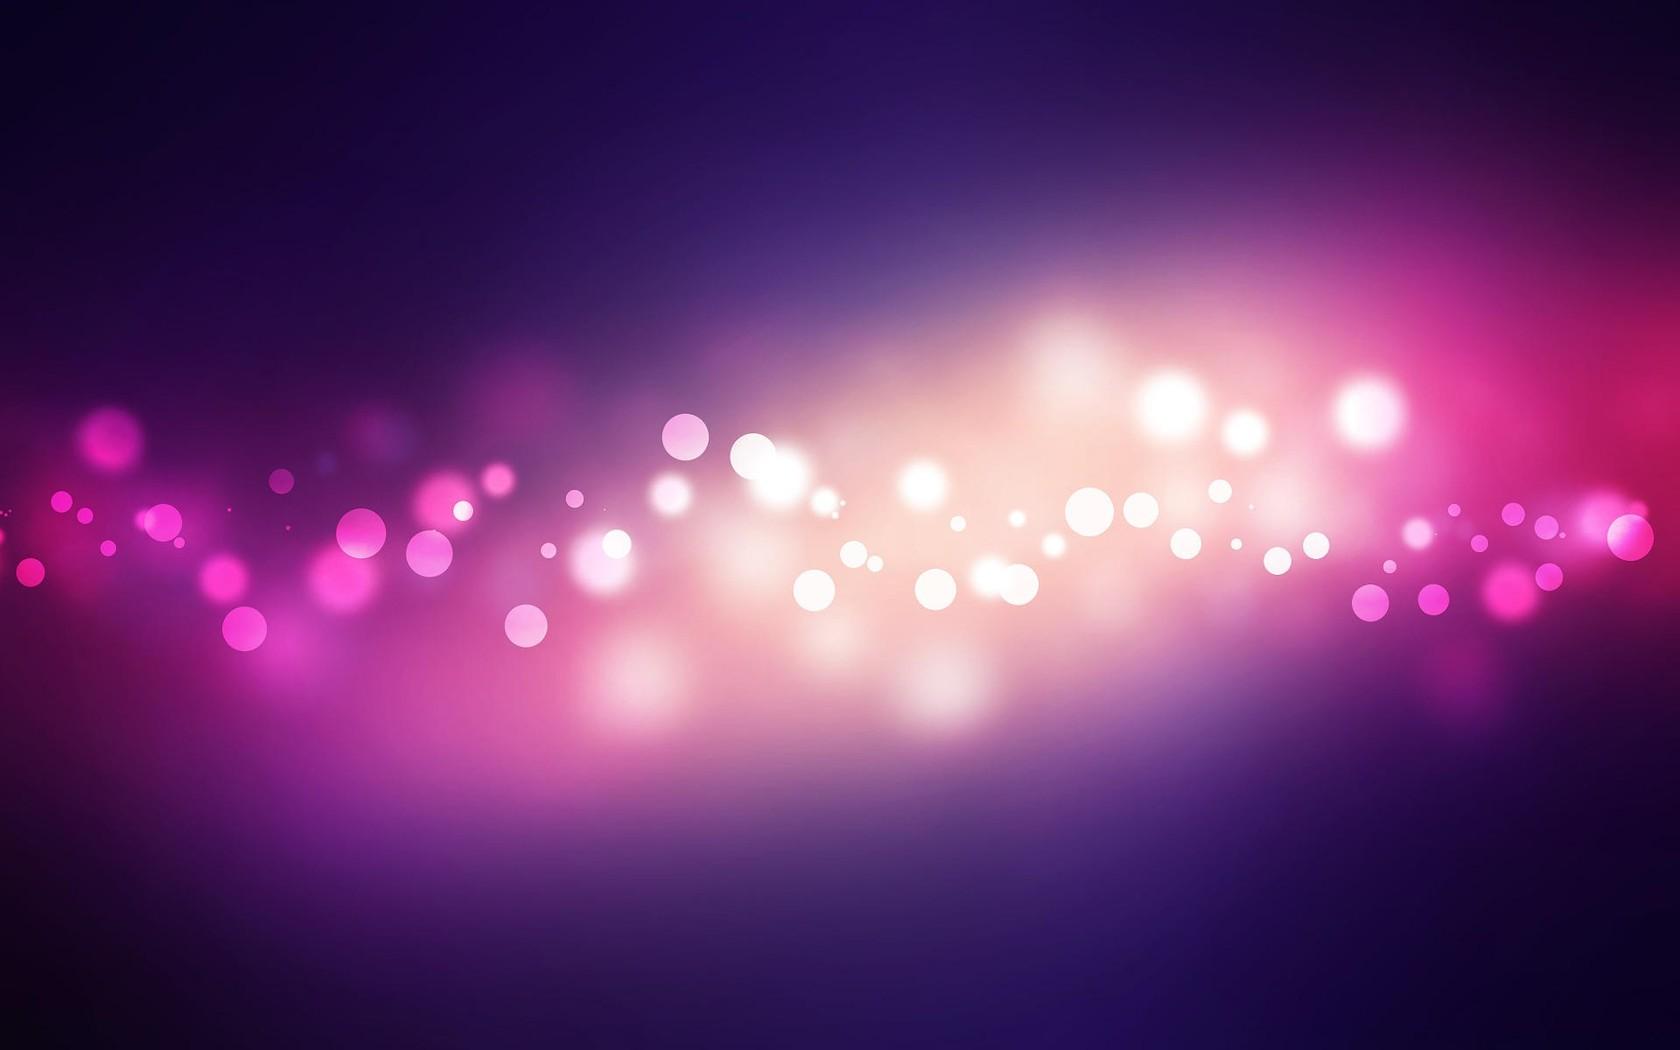 Glowing Wallpaper